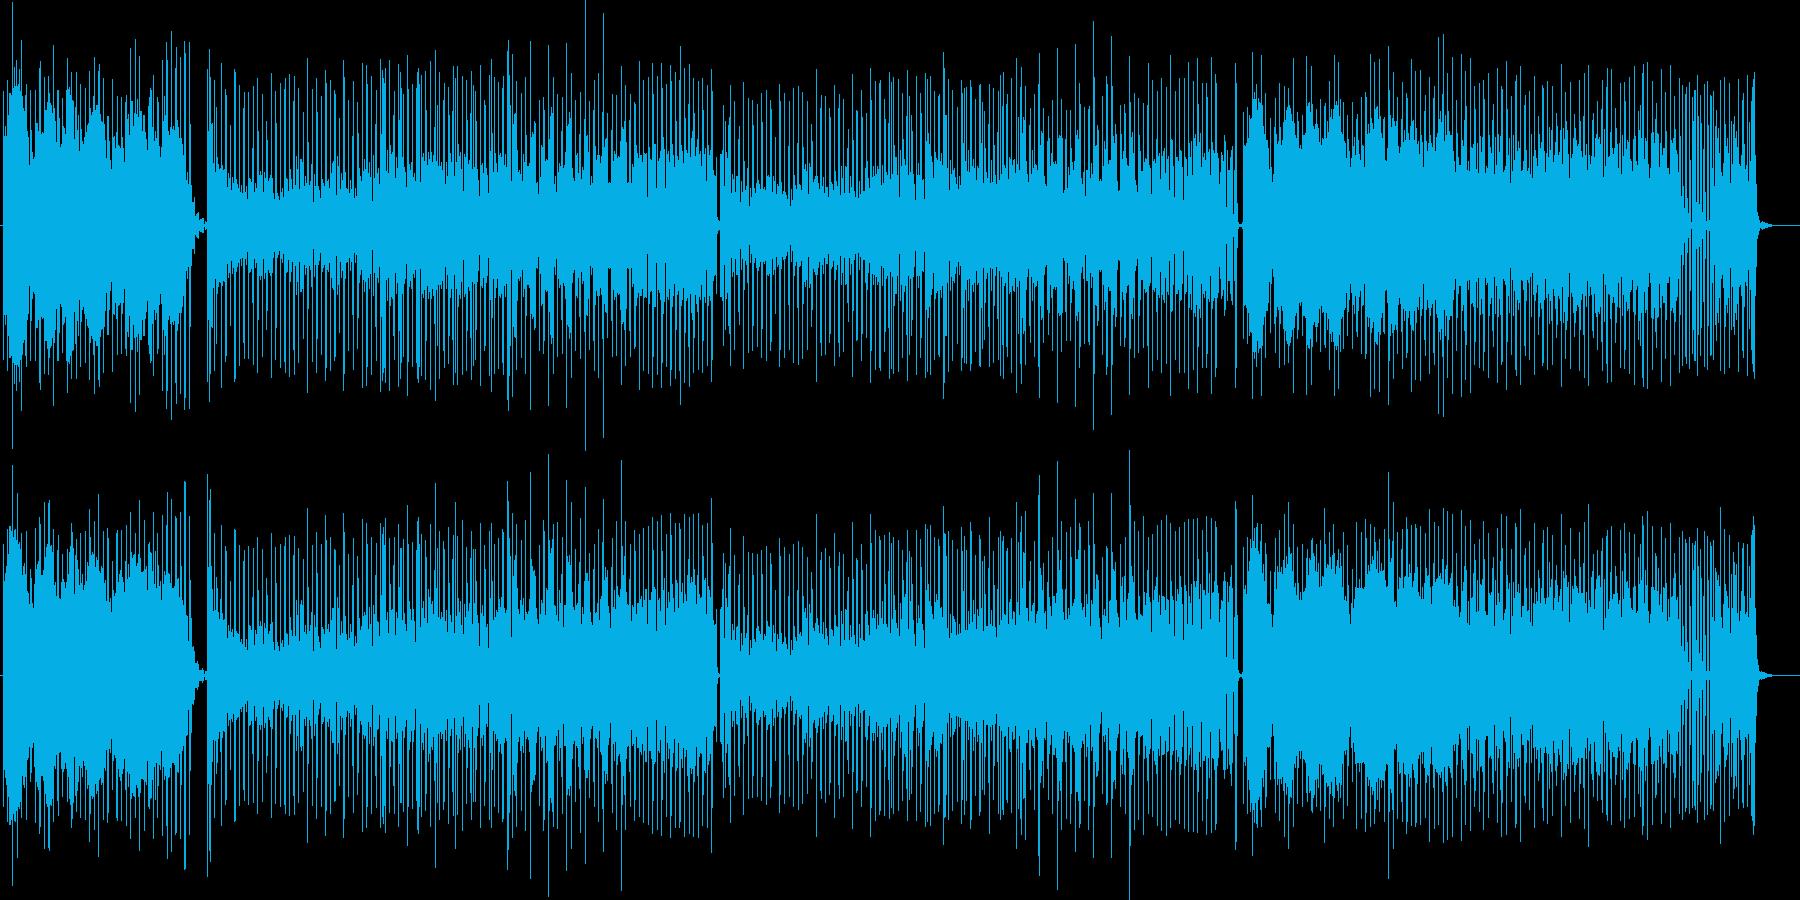 軽快・愉快な、ゲームBGMにも適してい…の再生済みの波形